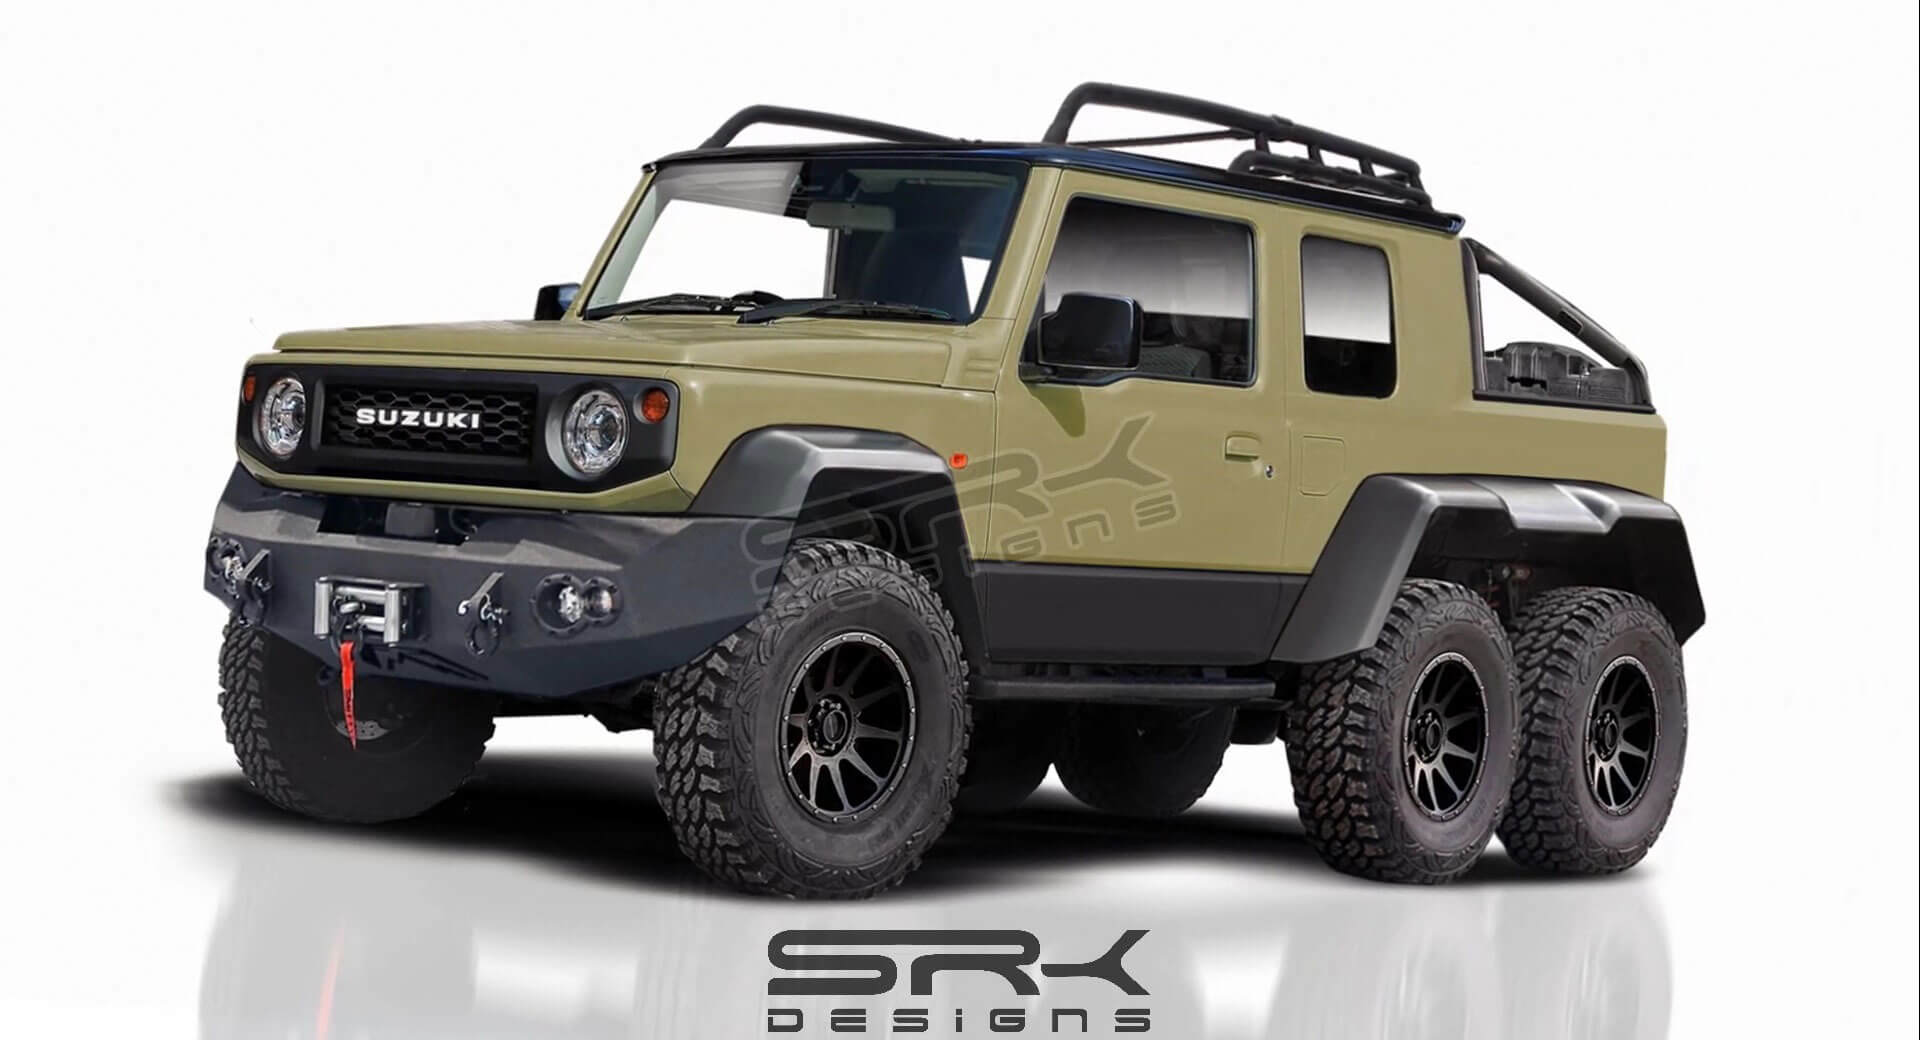 Etwas Neues genug 2019 Suzuki Jimny 6x6 Pickup Truck Isn't Real, But It Should Be @SL_23